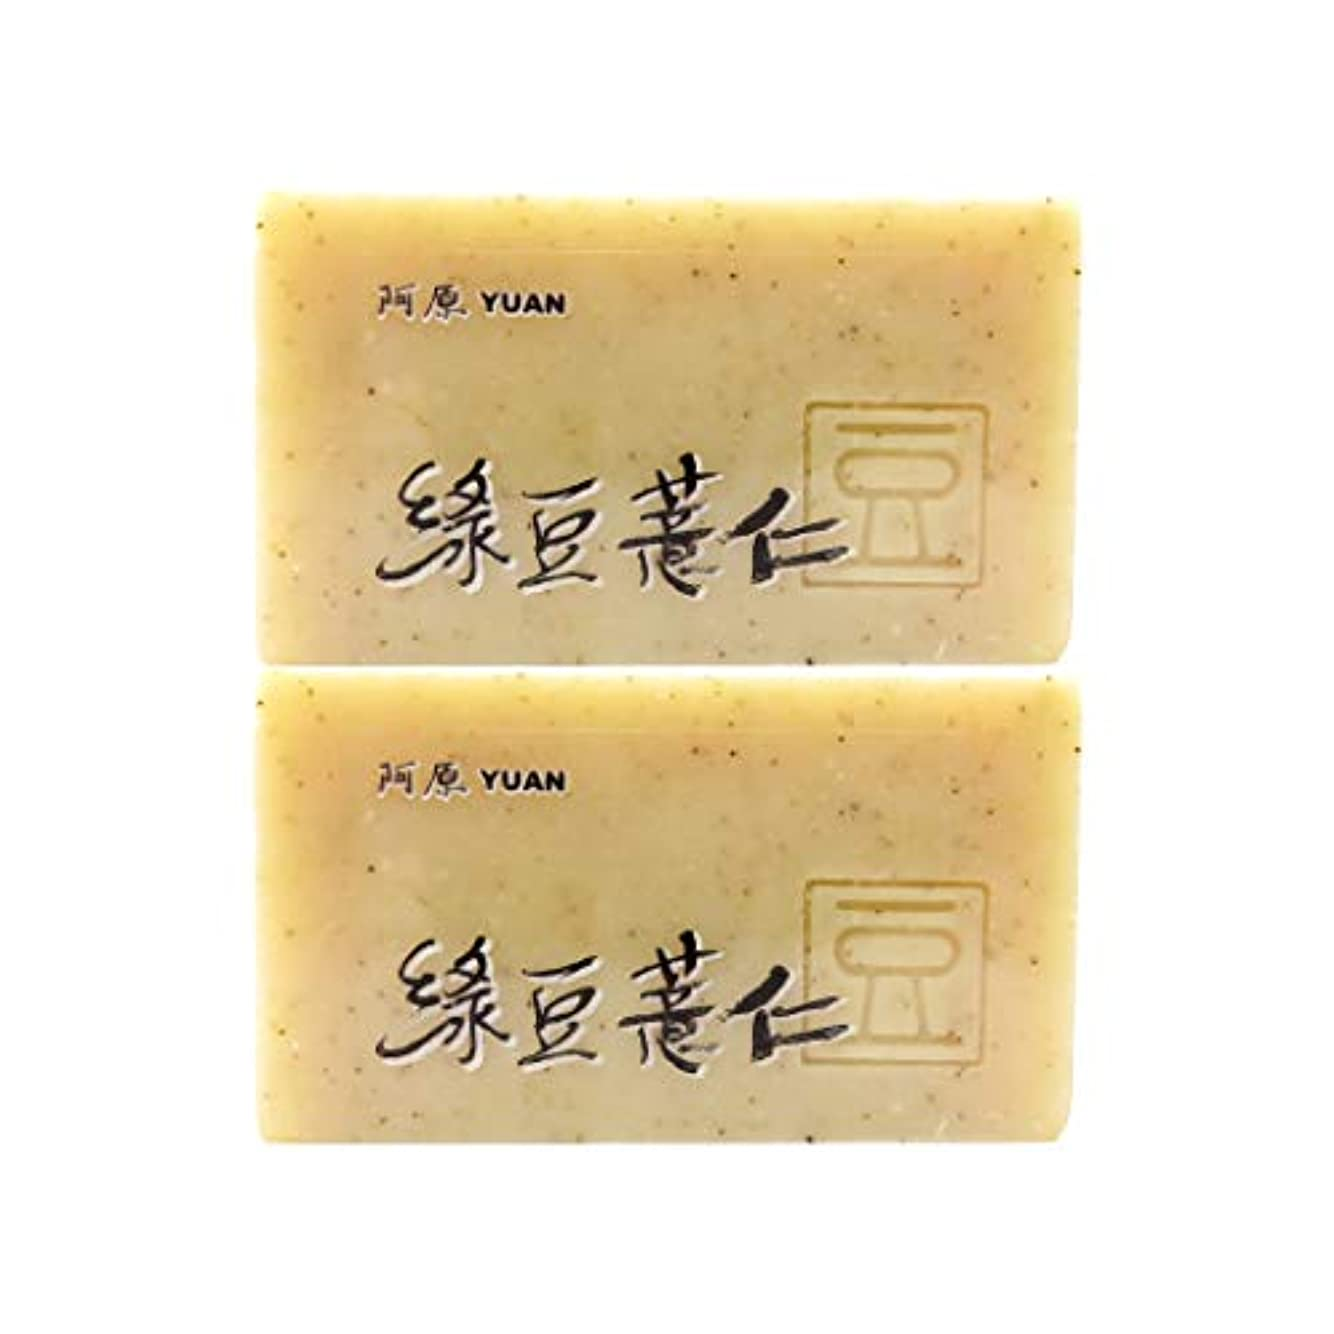 ユアン(YUAN) ハトムギ+リョクトウソープ 100g (2個セット)